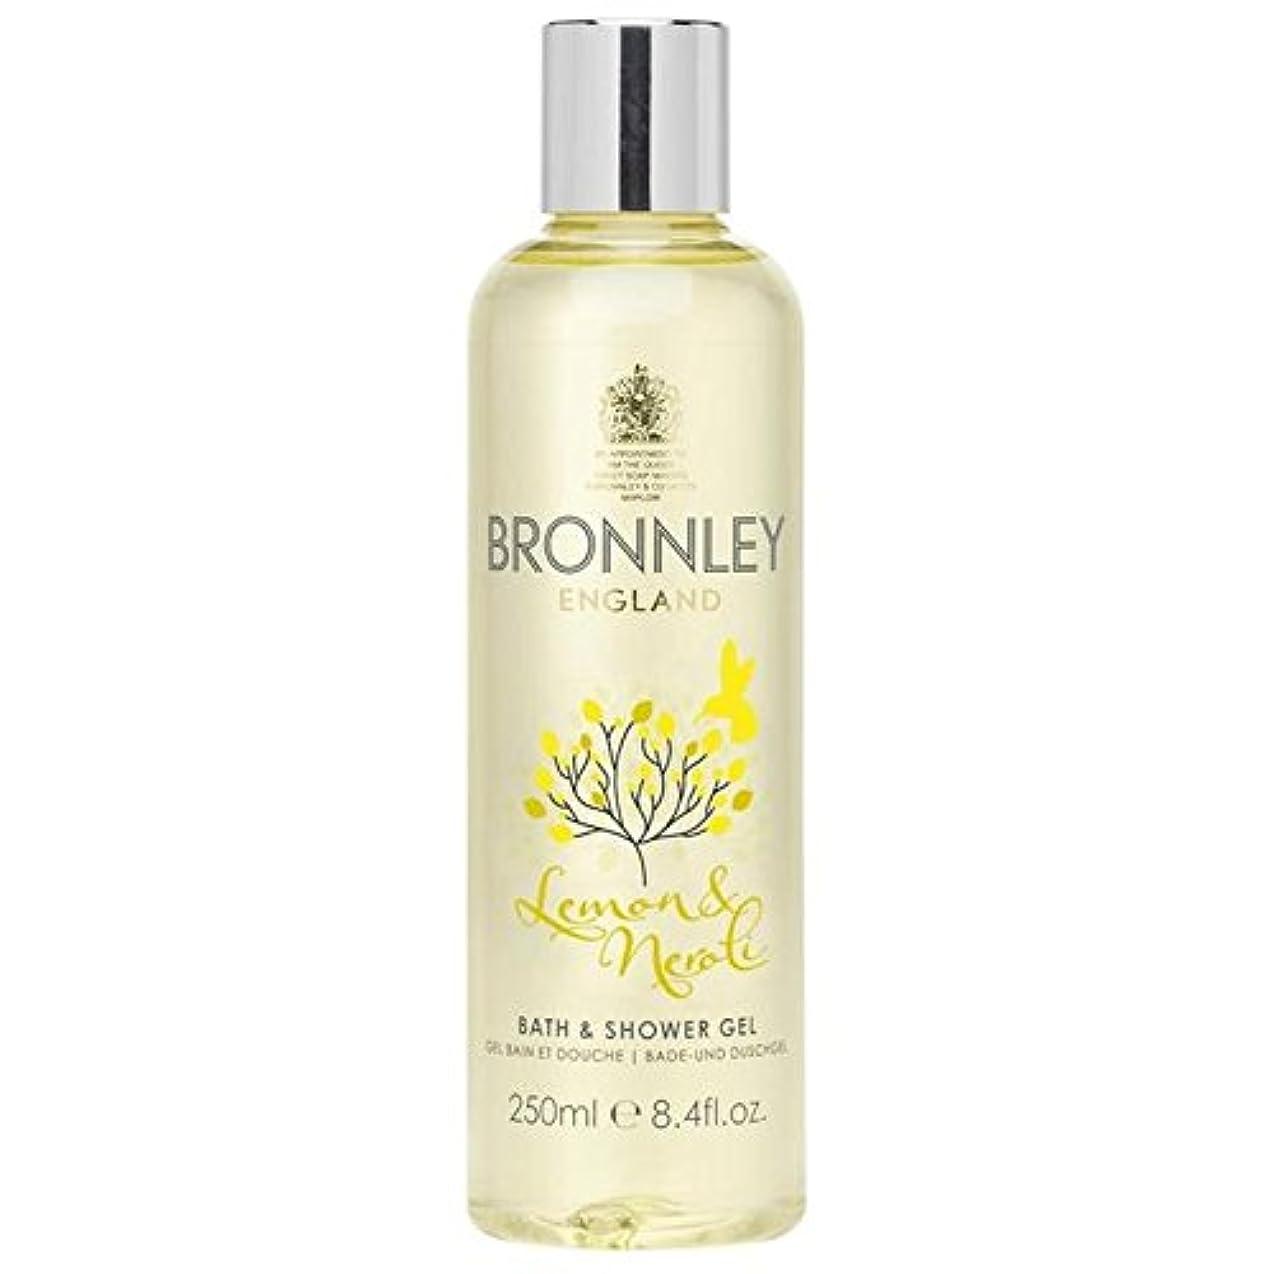 争い工業化する上がるBronnley Lemon & Neroli Bath & Shower Gel 250ml (Pack of 6) - レモン&ネロリバス&シャワージェル250ミリリットル x6 [並行輸入品]